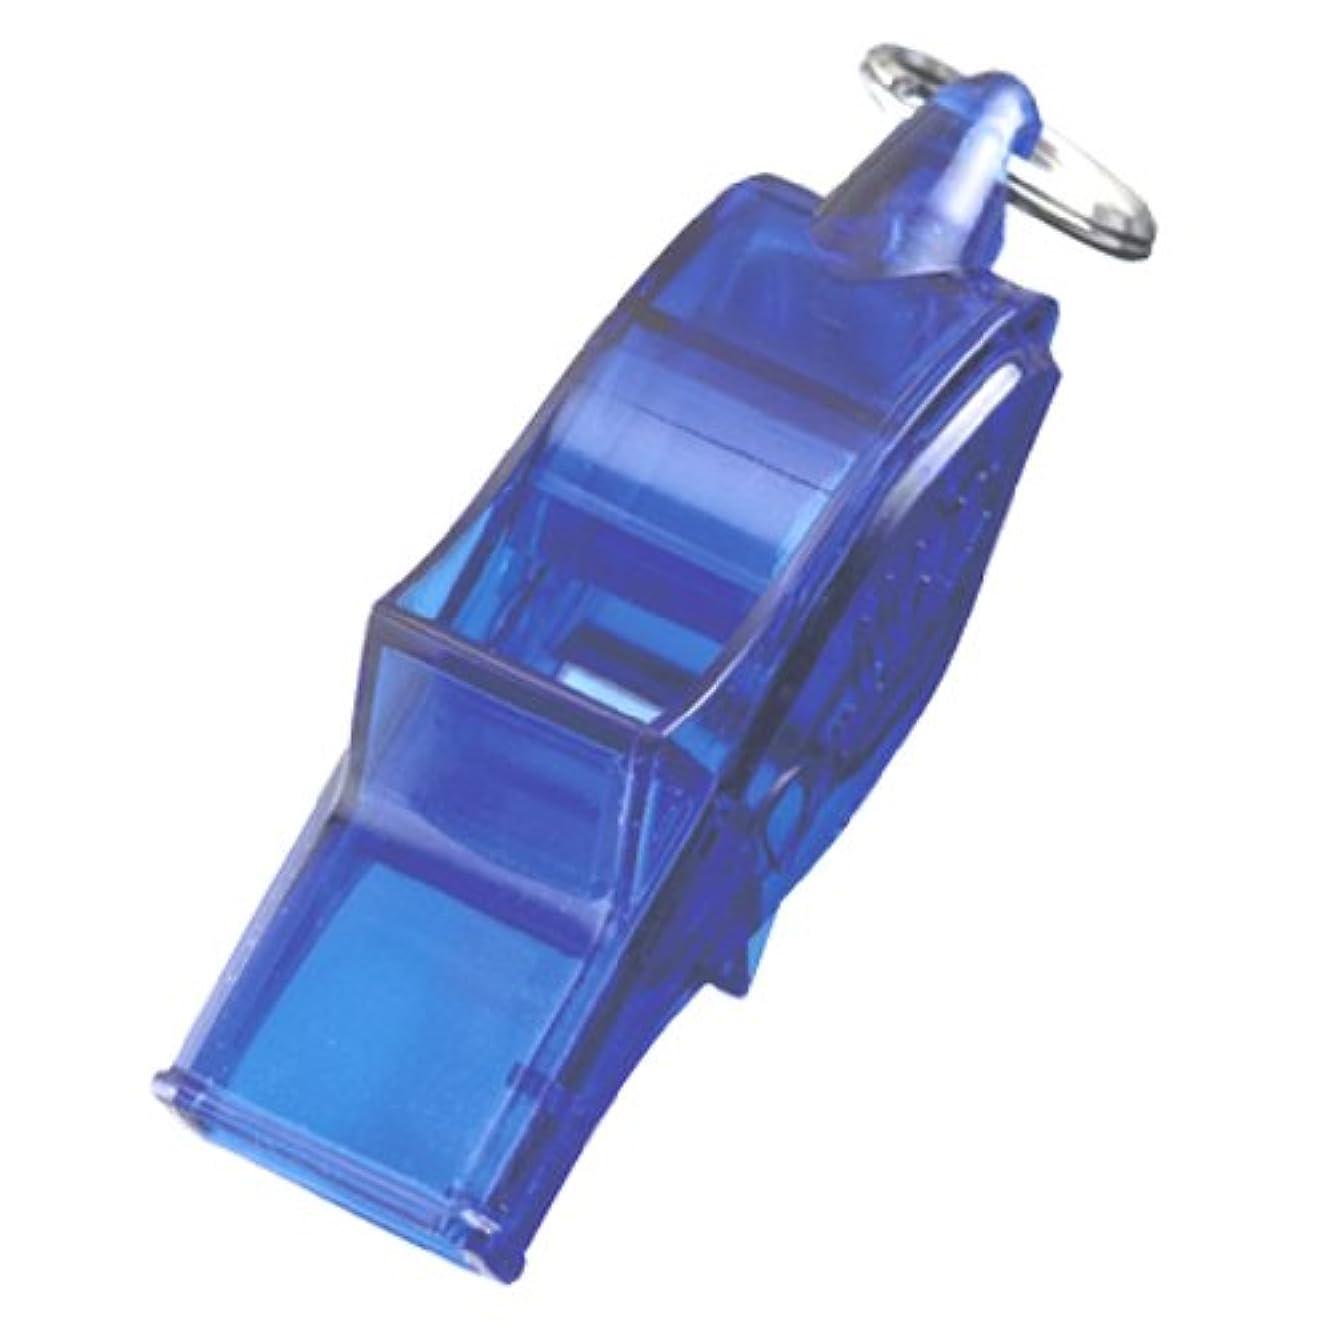 粘着性フラッシュのように素早く圧縮されたmolten(モルテン) レフェリーグッズ ホイッスル ドルフィンプロ クリアブルー WDFPSKB